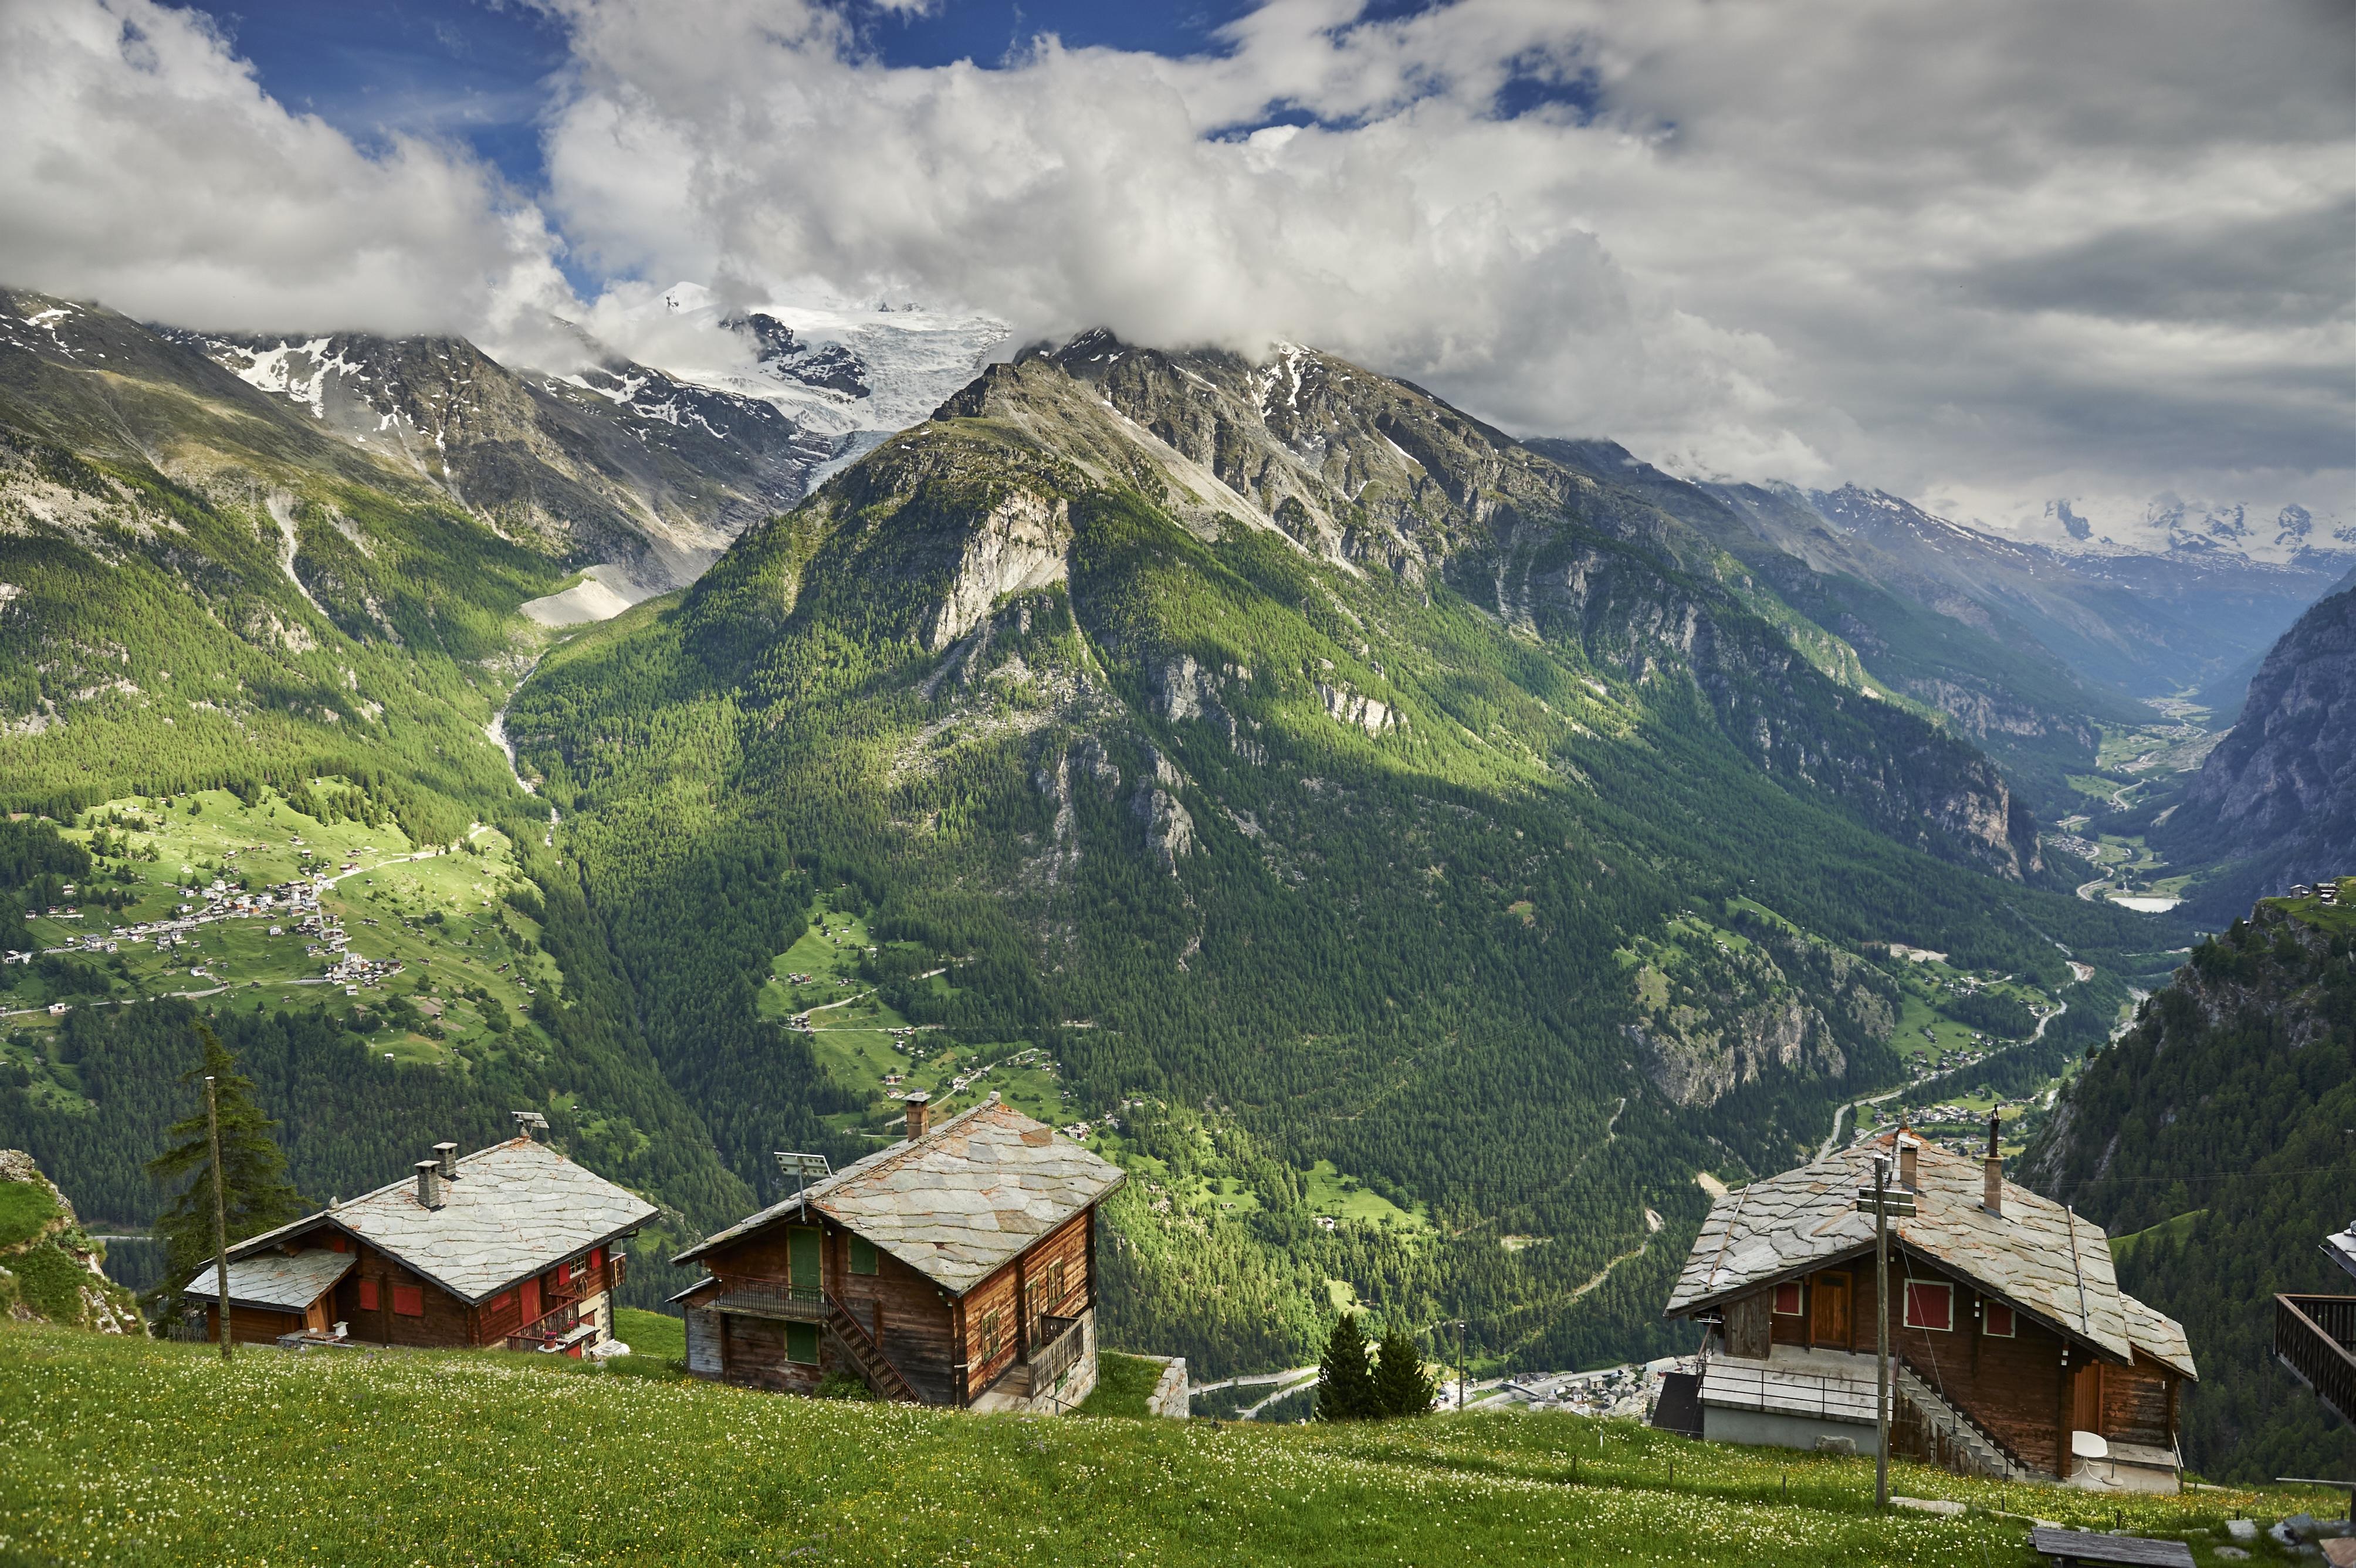 Vous habitez en zone de montagne? Vous souhaitez développer un projet? Cette info est pour vous!